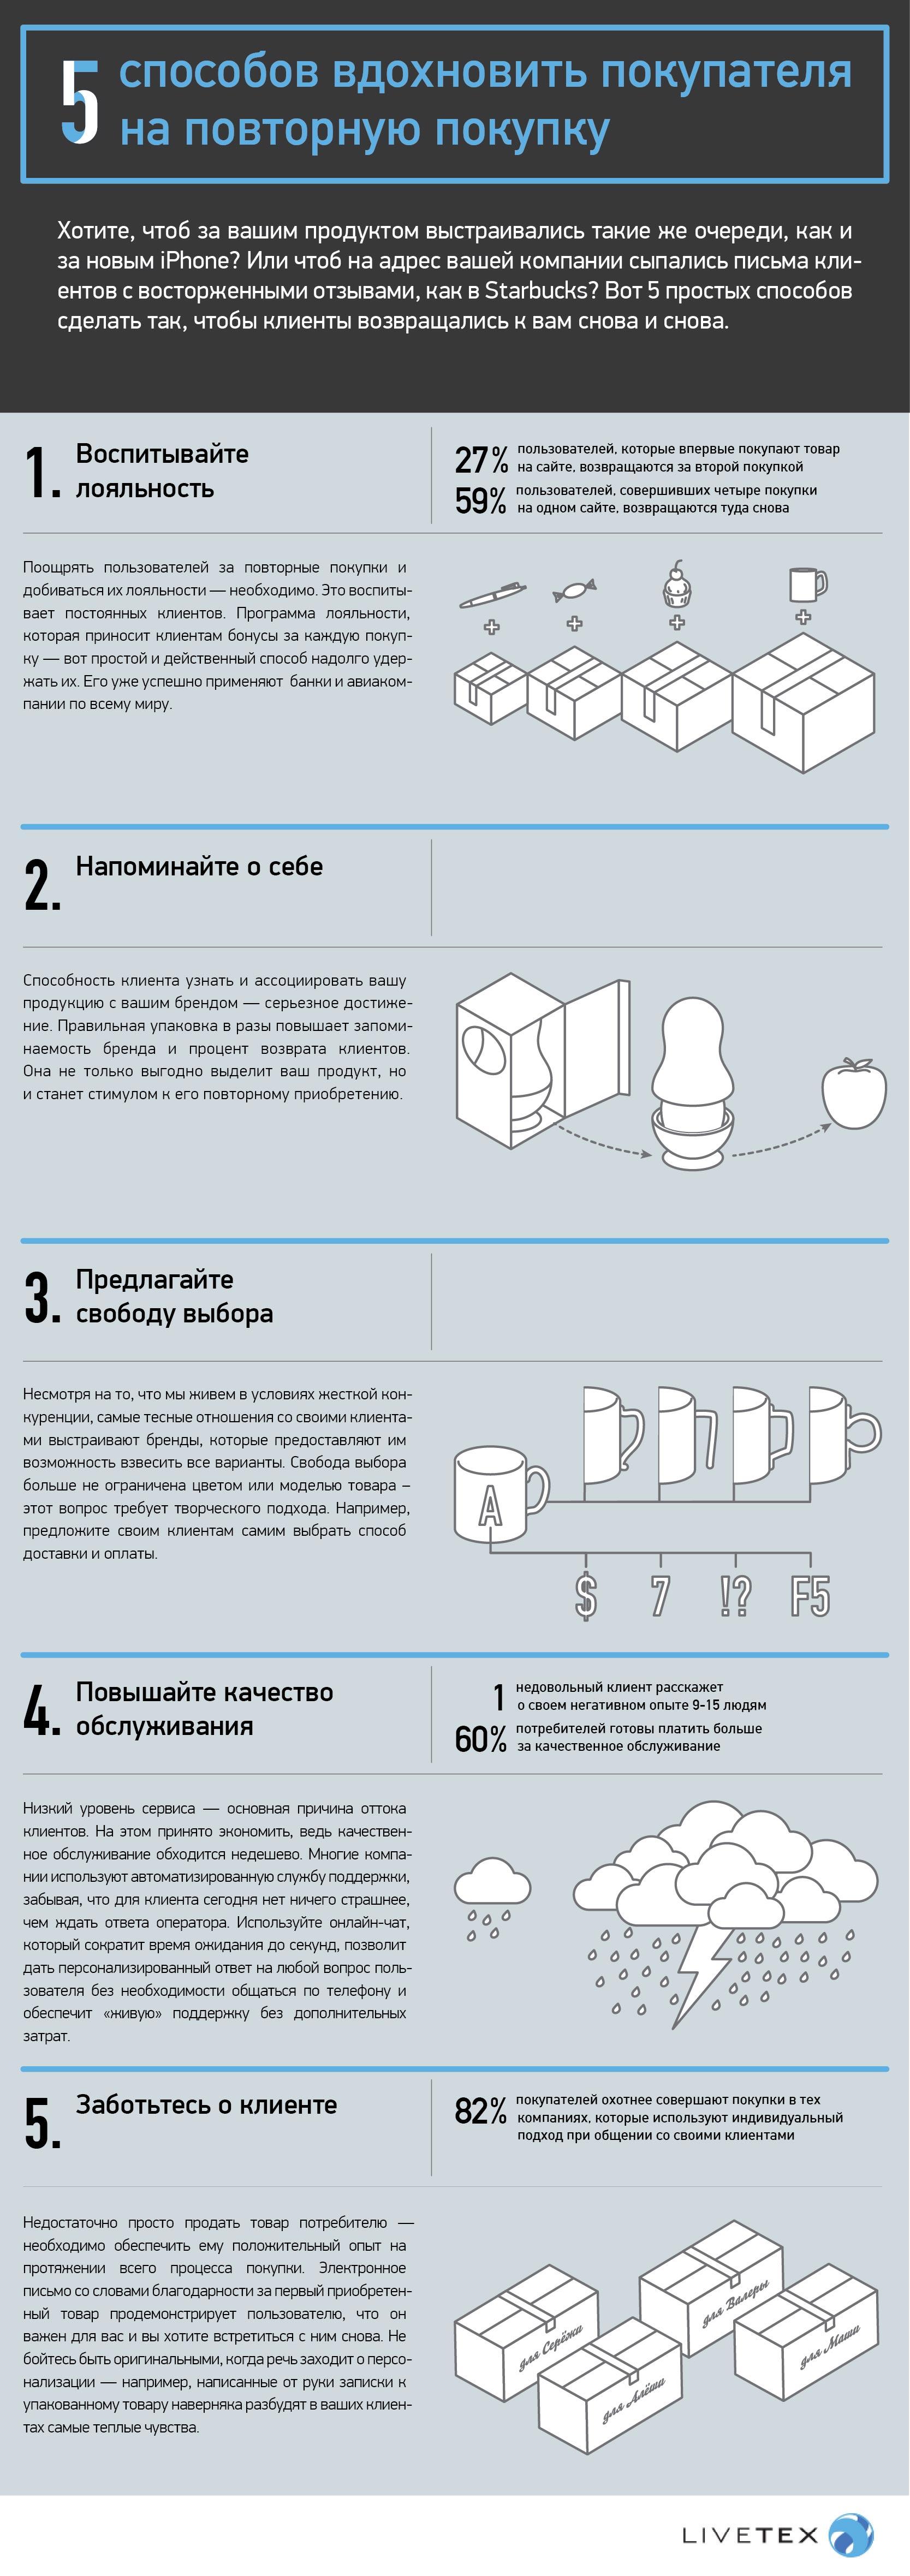 livetex_infographicas1-01 (3)